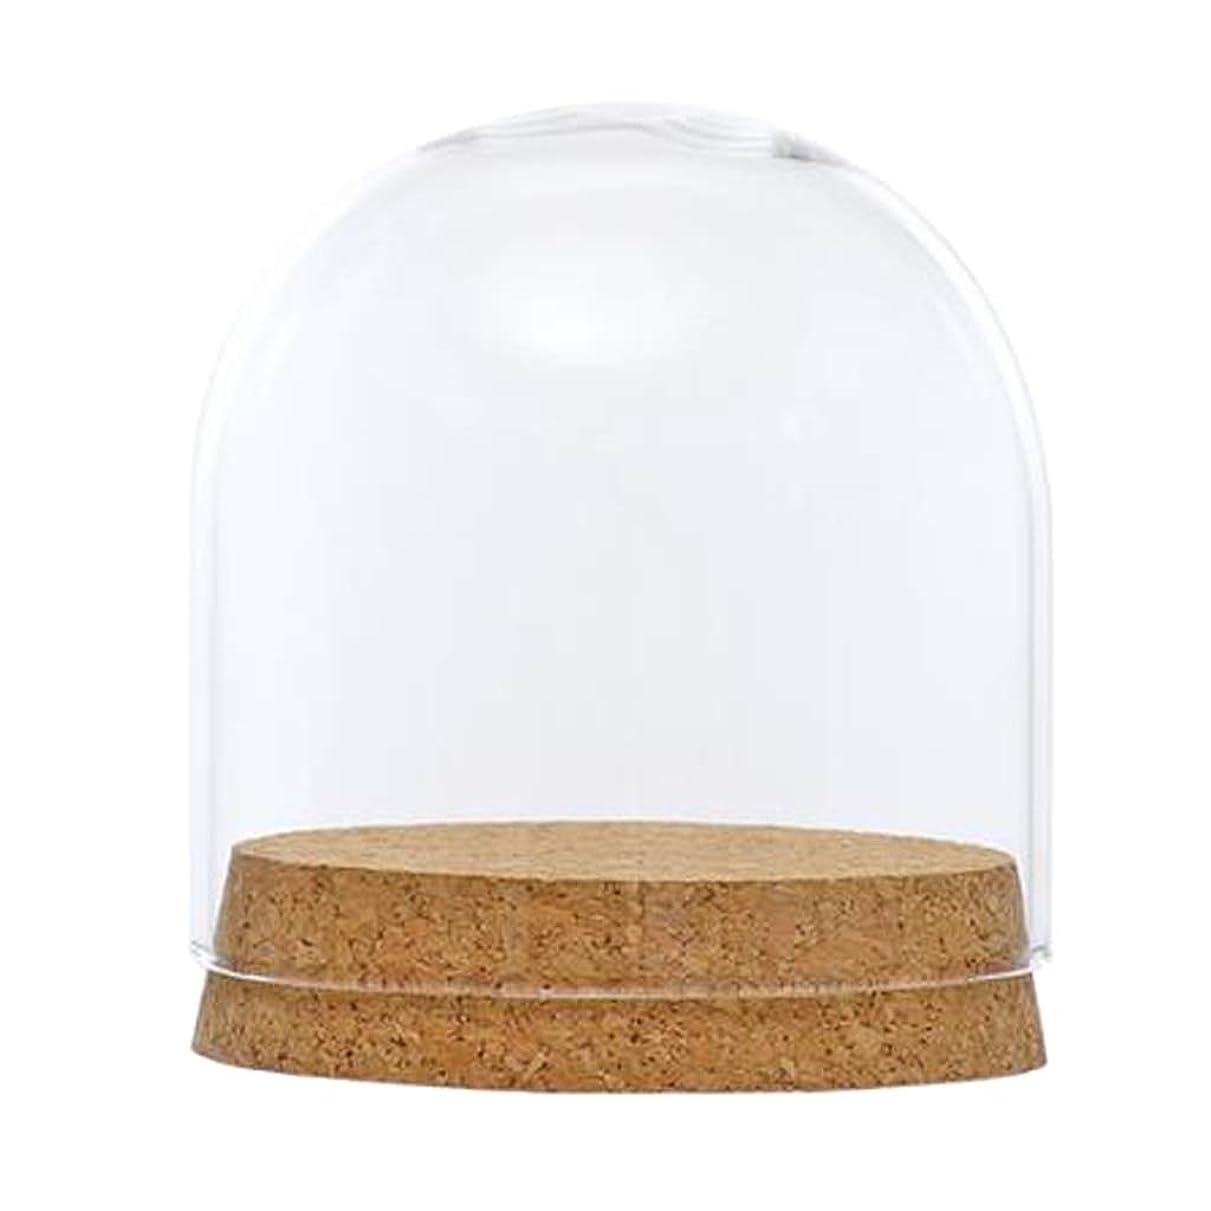 病院層ウッズFenteer ガラスドームカバークローシュベルジャーテラリウム木製コルク、結婚式のパーティーの装飾ミニチュアクラフト - #1